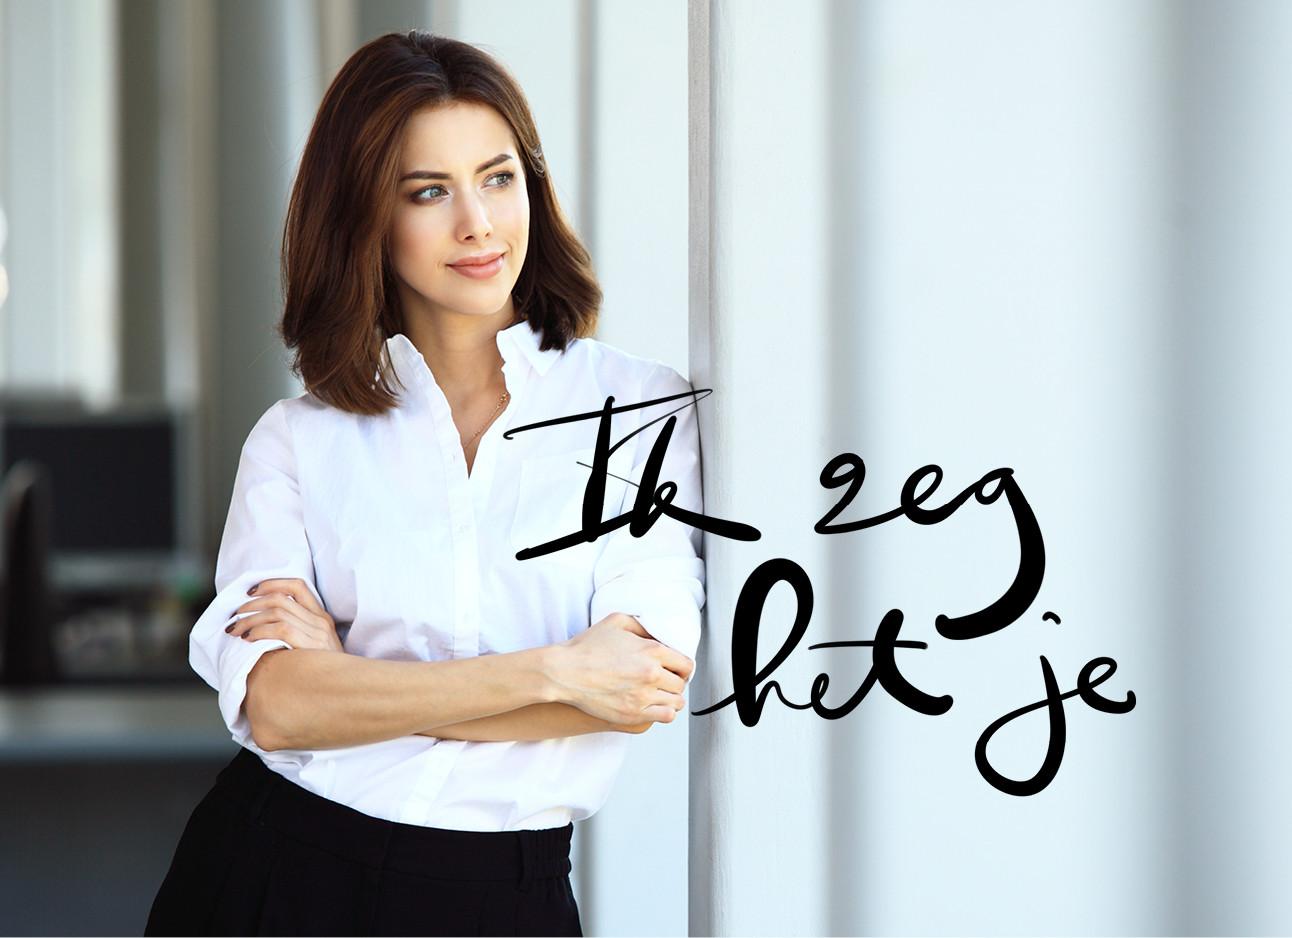 Vrouw in een witte blouse leunt tegen een muur